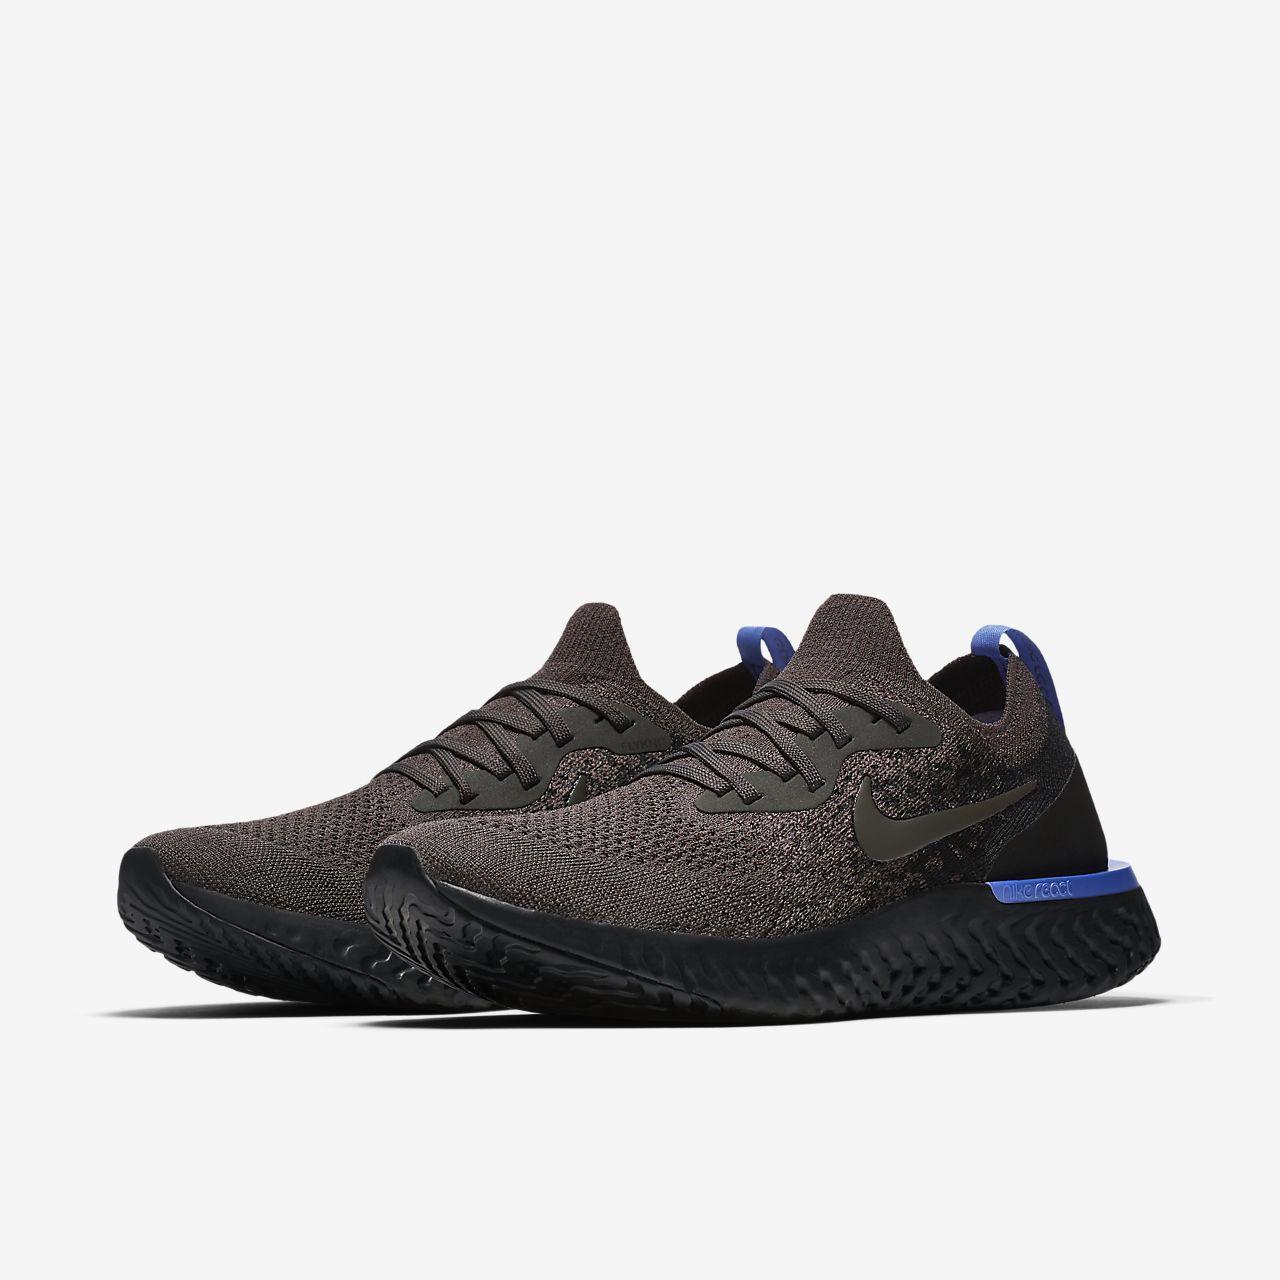 b880d1a24fa144 Nike Epic React Flyknit 1 Women s Running Shoe. Nike.com AU